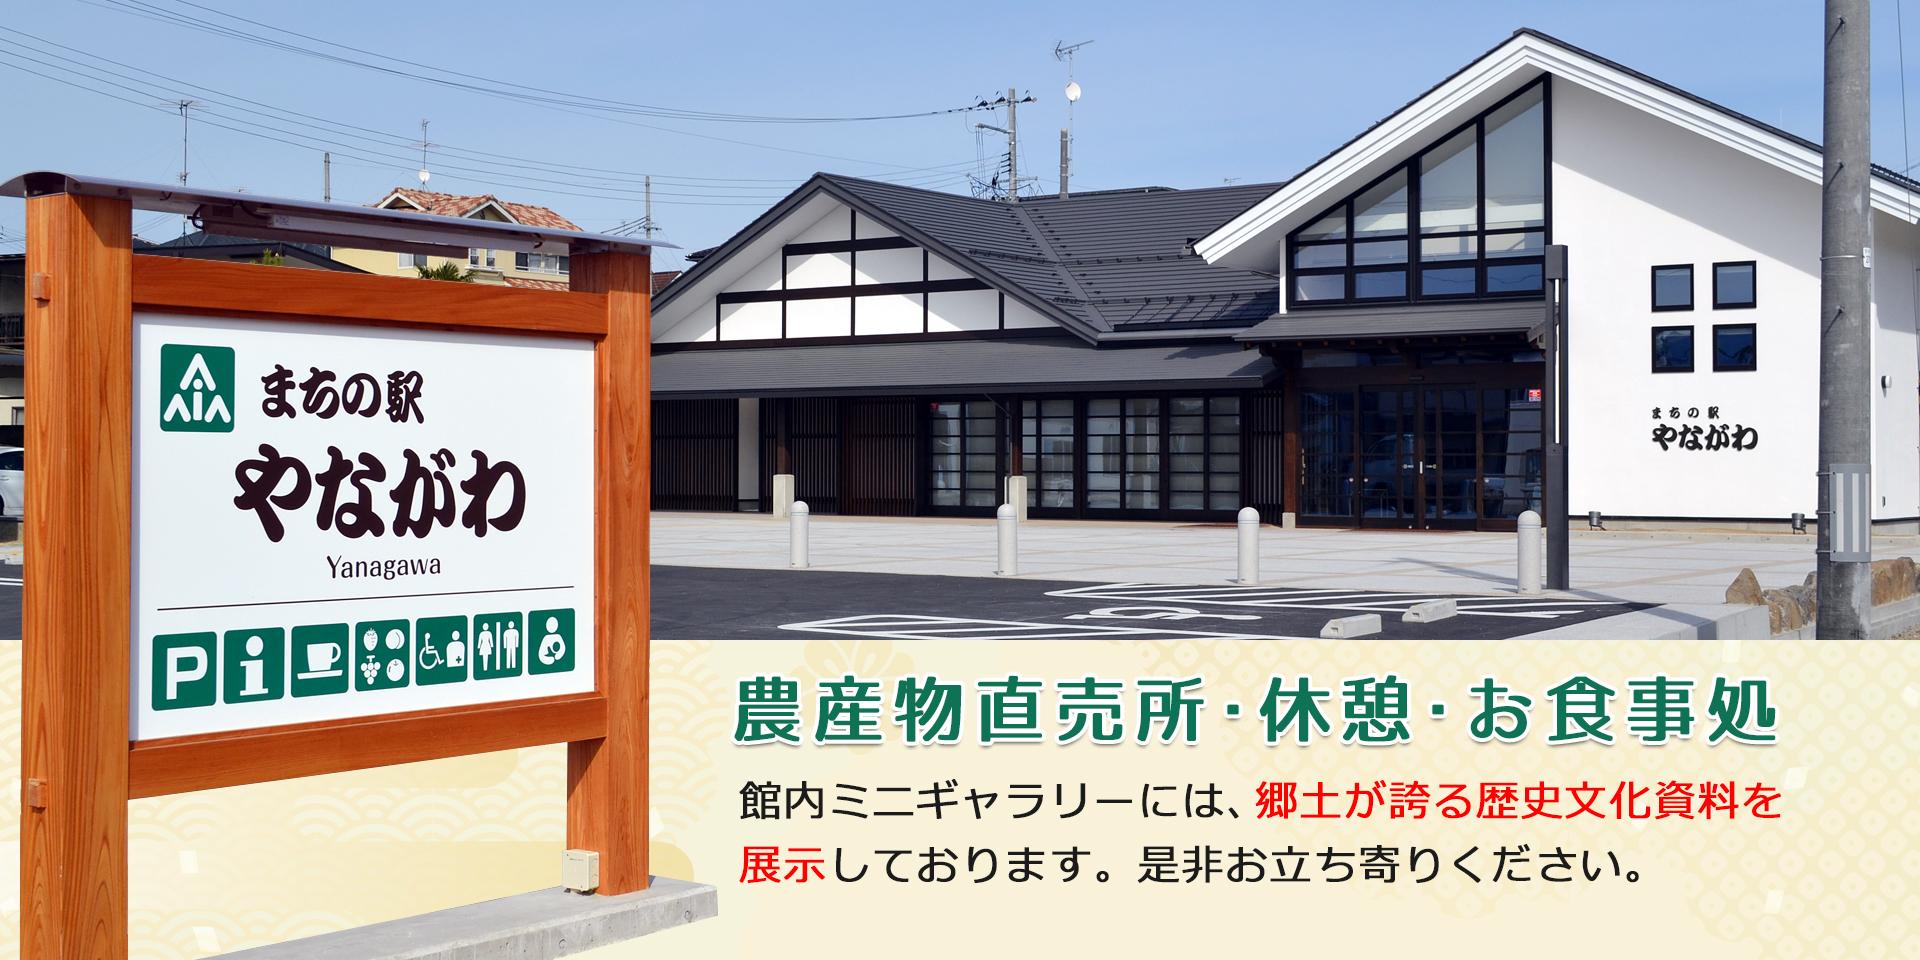 まちの駅やながわ公式サイト(福島県伊達市梁川町)